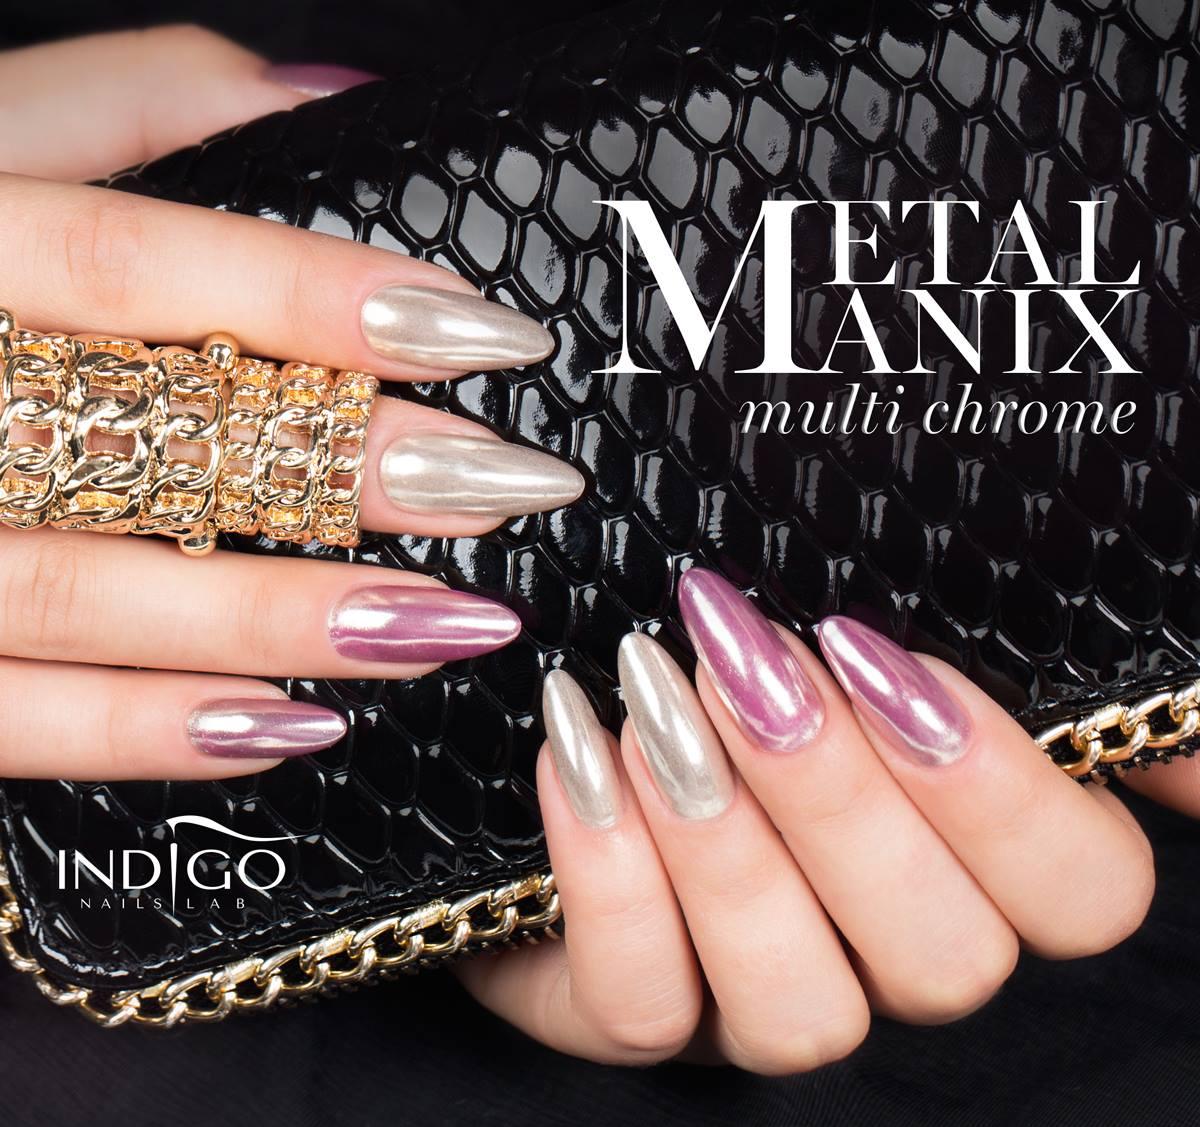 MetalManix, metal, manix, efekt chromu, chromowane paznokcie, złote, rose gold, jasne złoto, złote paznokcie, Mercedes, lustrzane, lustro, złoty chrom, paznokcie, lustro na paznokciach